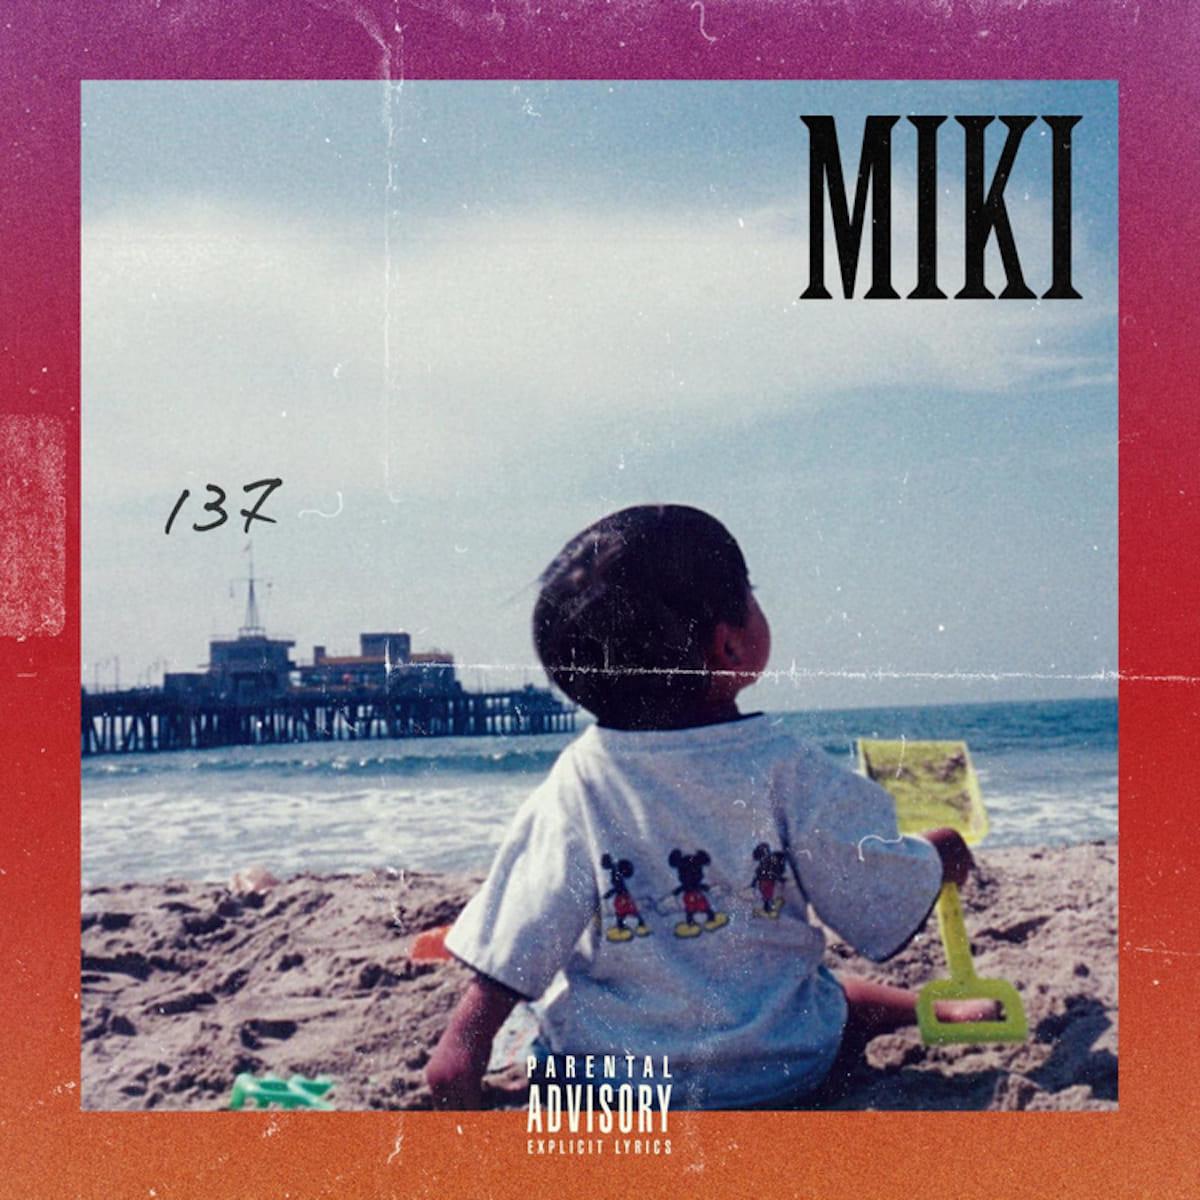 KANDYTOWN・MIKIがプレイリストをAWAにて公開「6ix9ineは待ってました!って感じですよね」 music180511_miki_awa_3-1200x1200